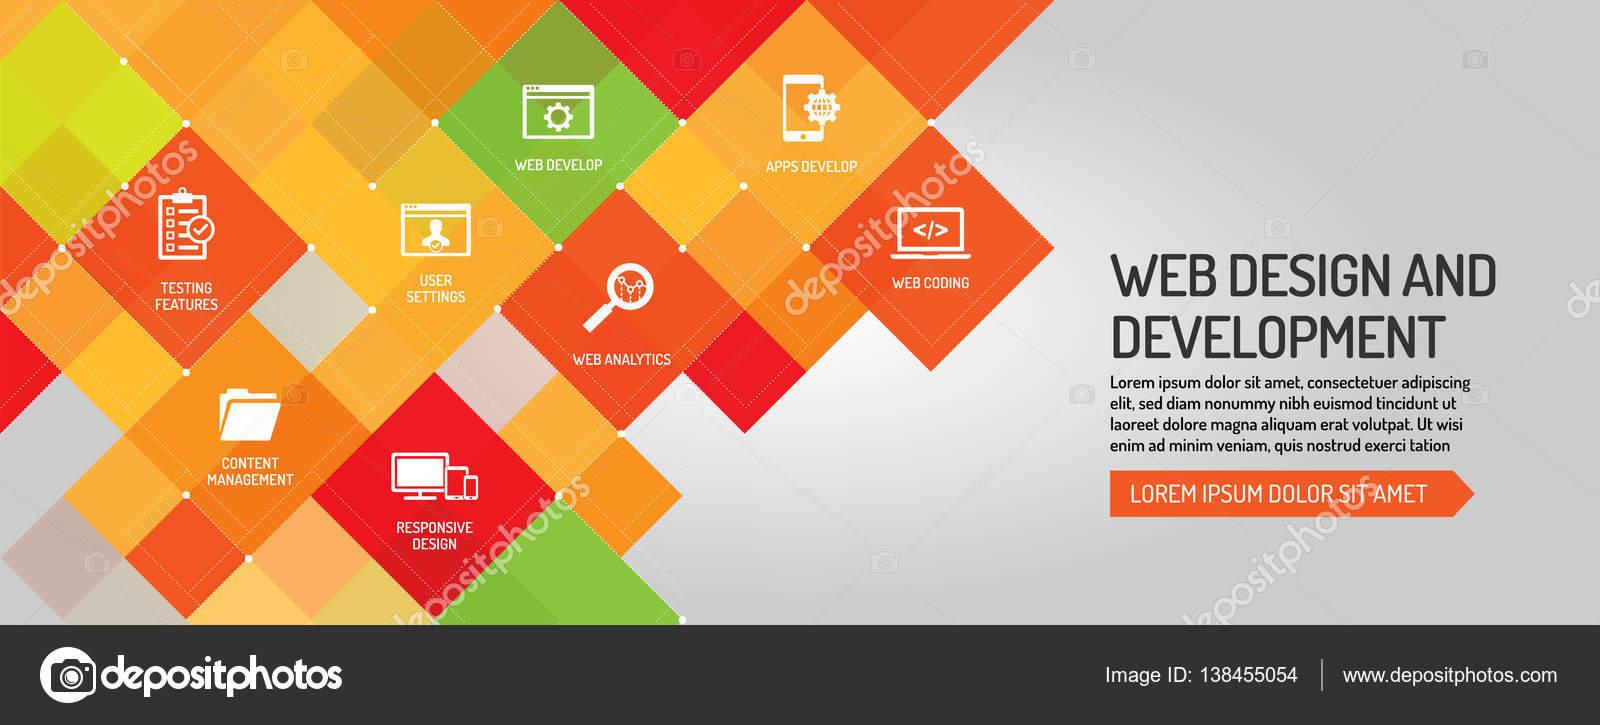 web design and development banner stock vector garagestock